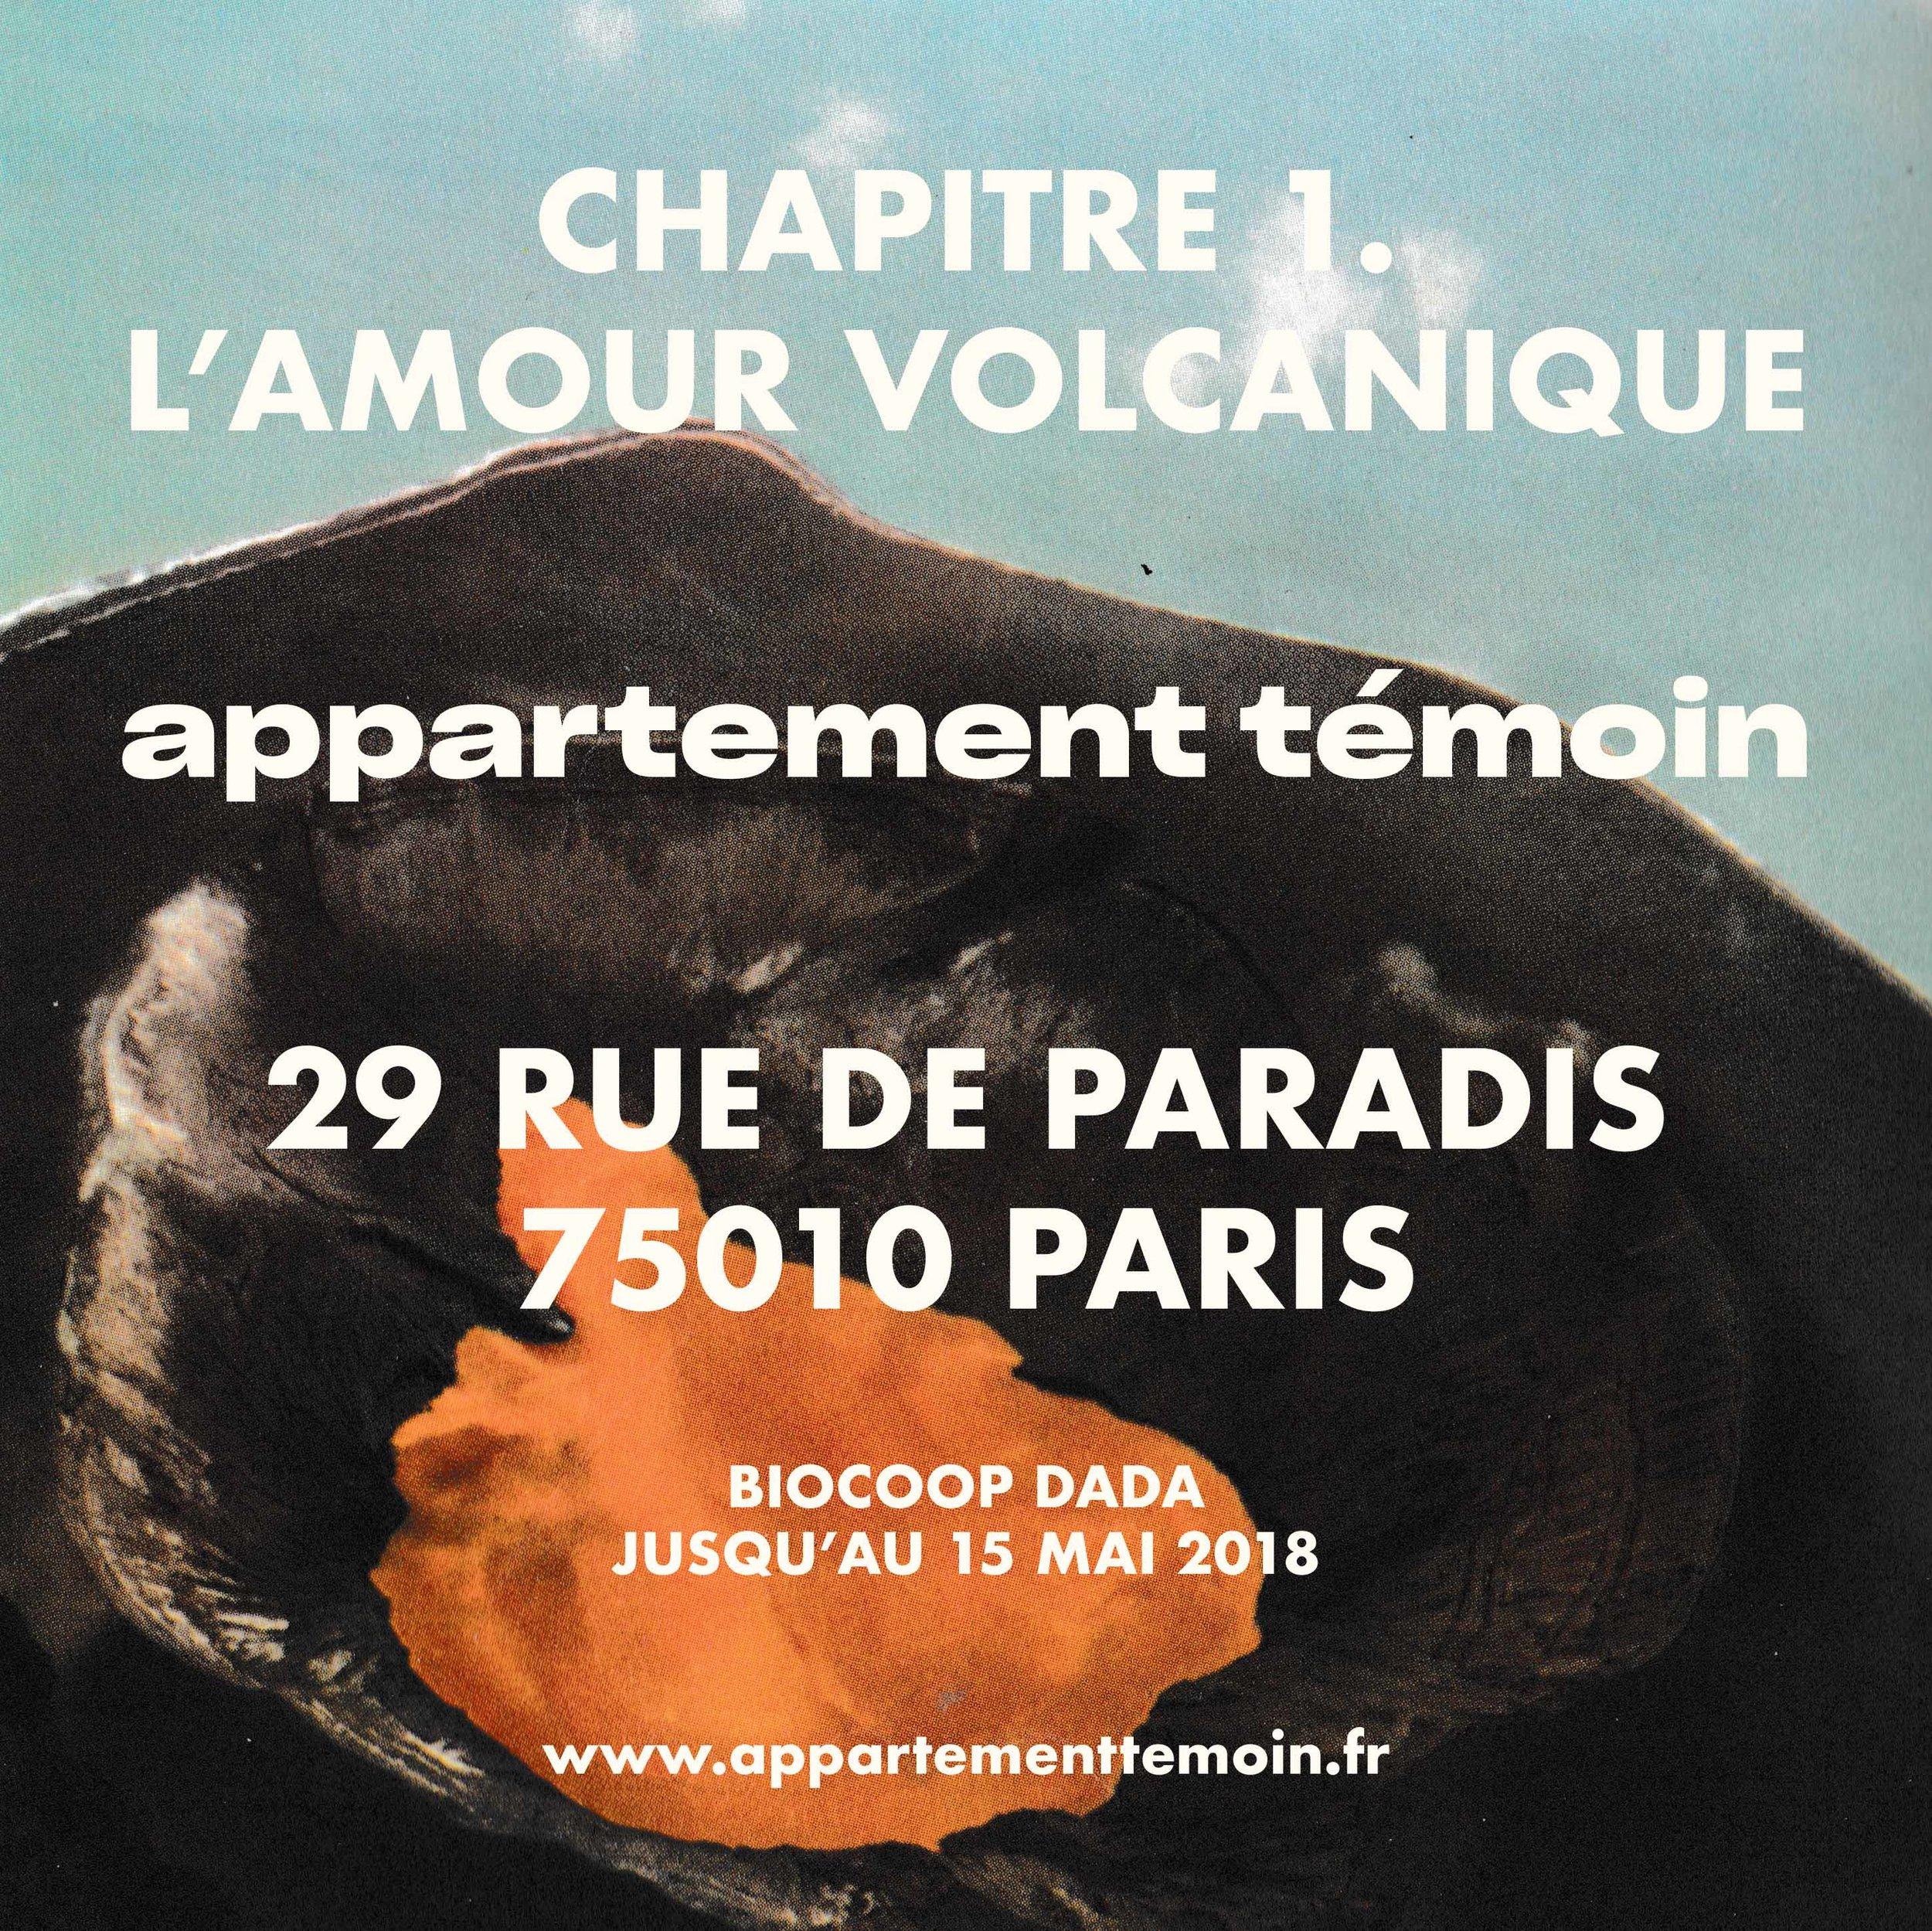 Chapitre 1. L'amour volcanique